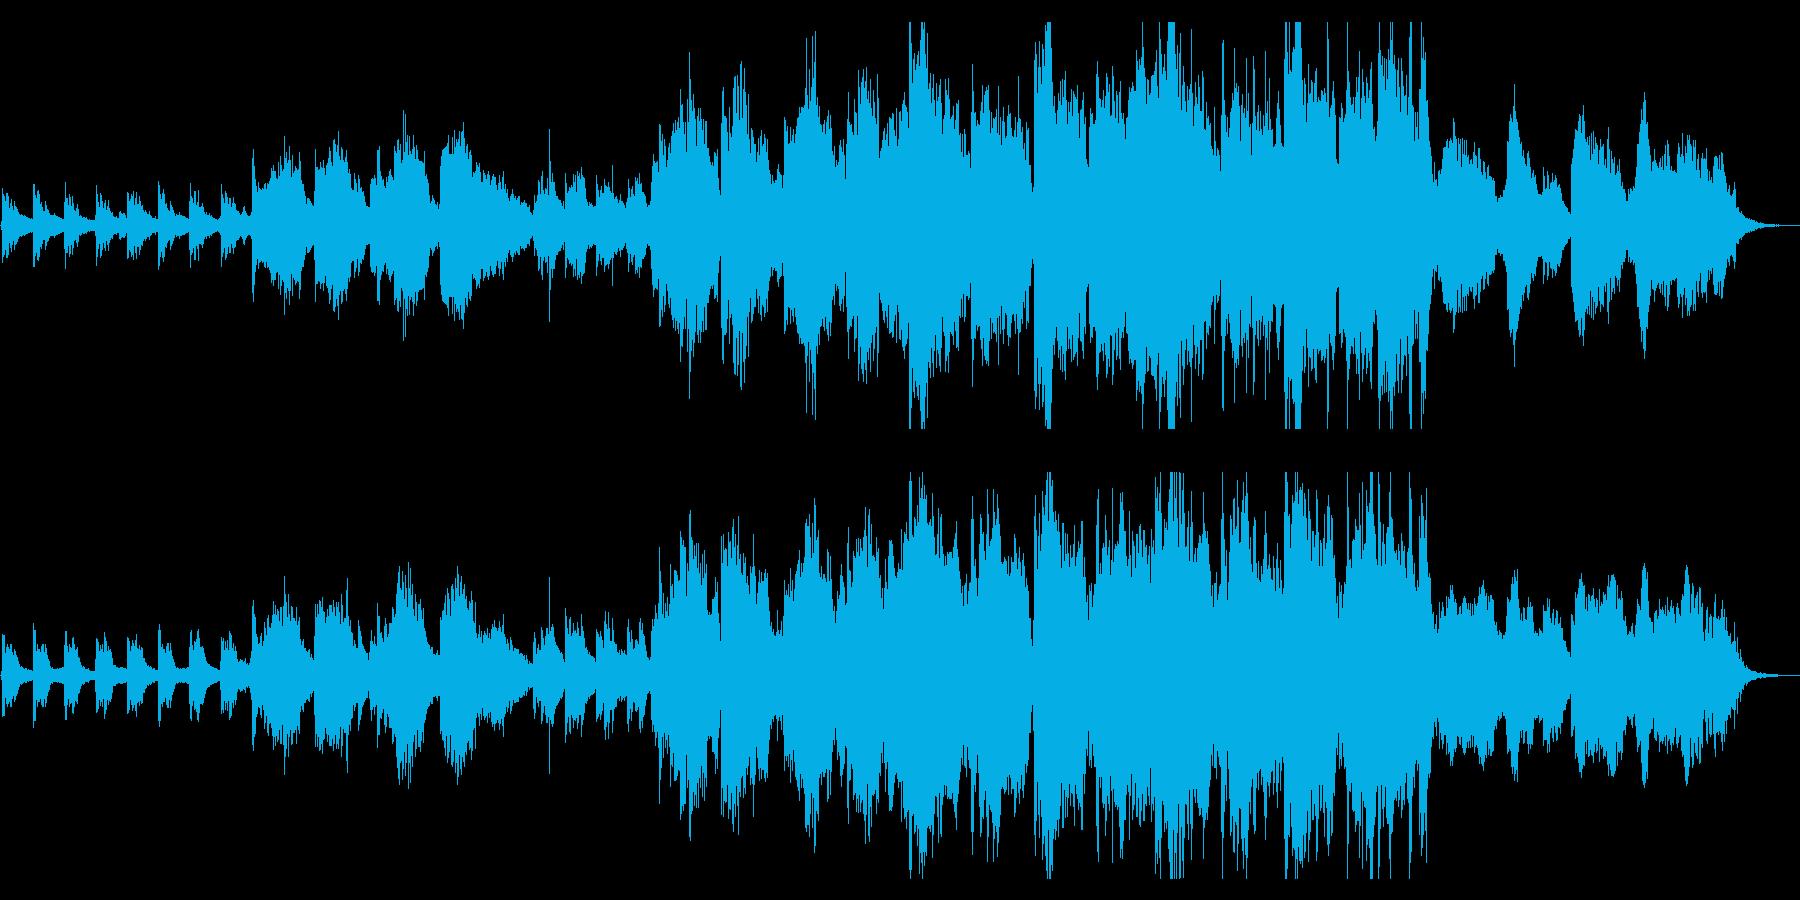 日本情緒豊かな唱歌を思わせる泣ける交響詩の再生済みの波形